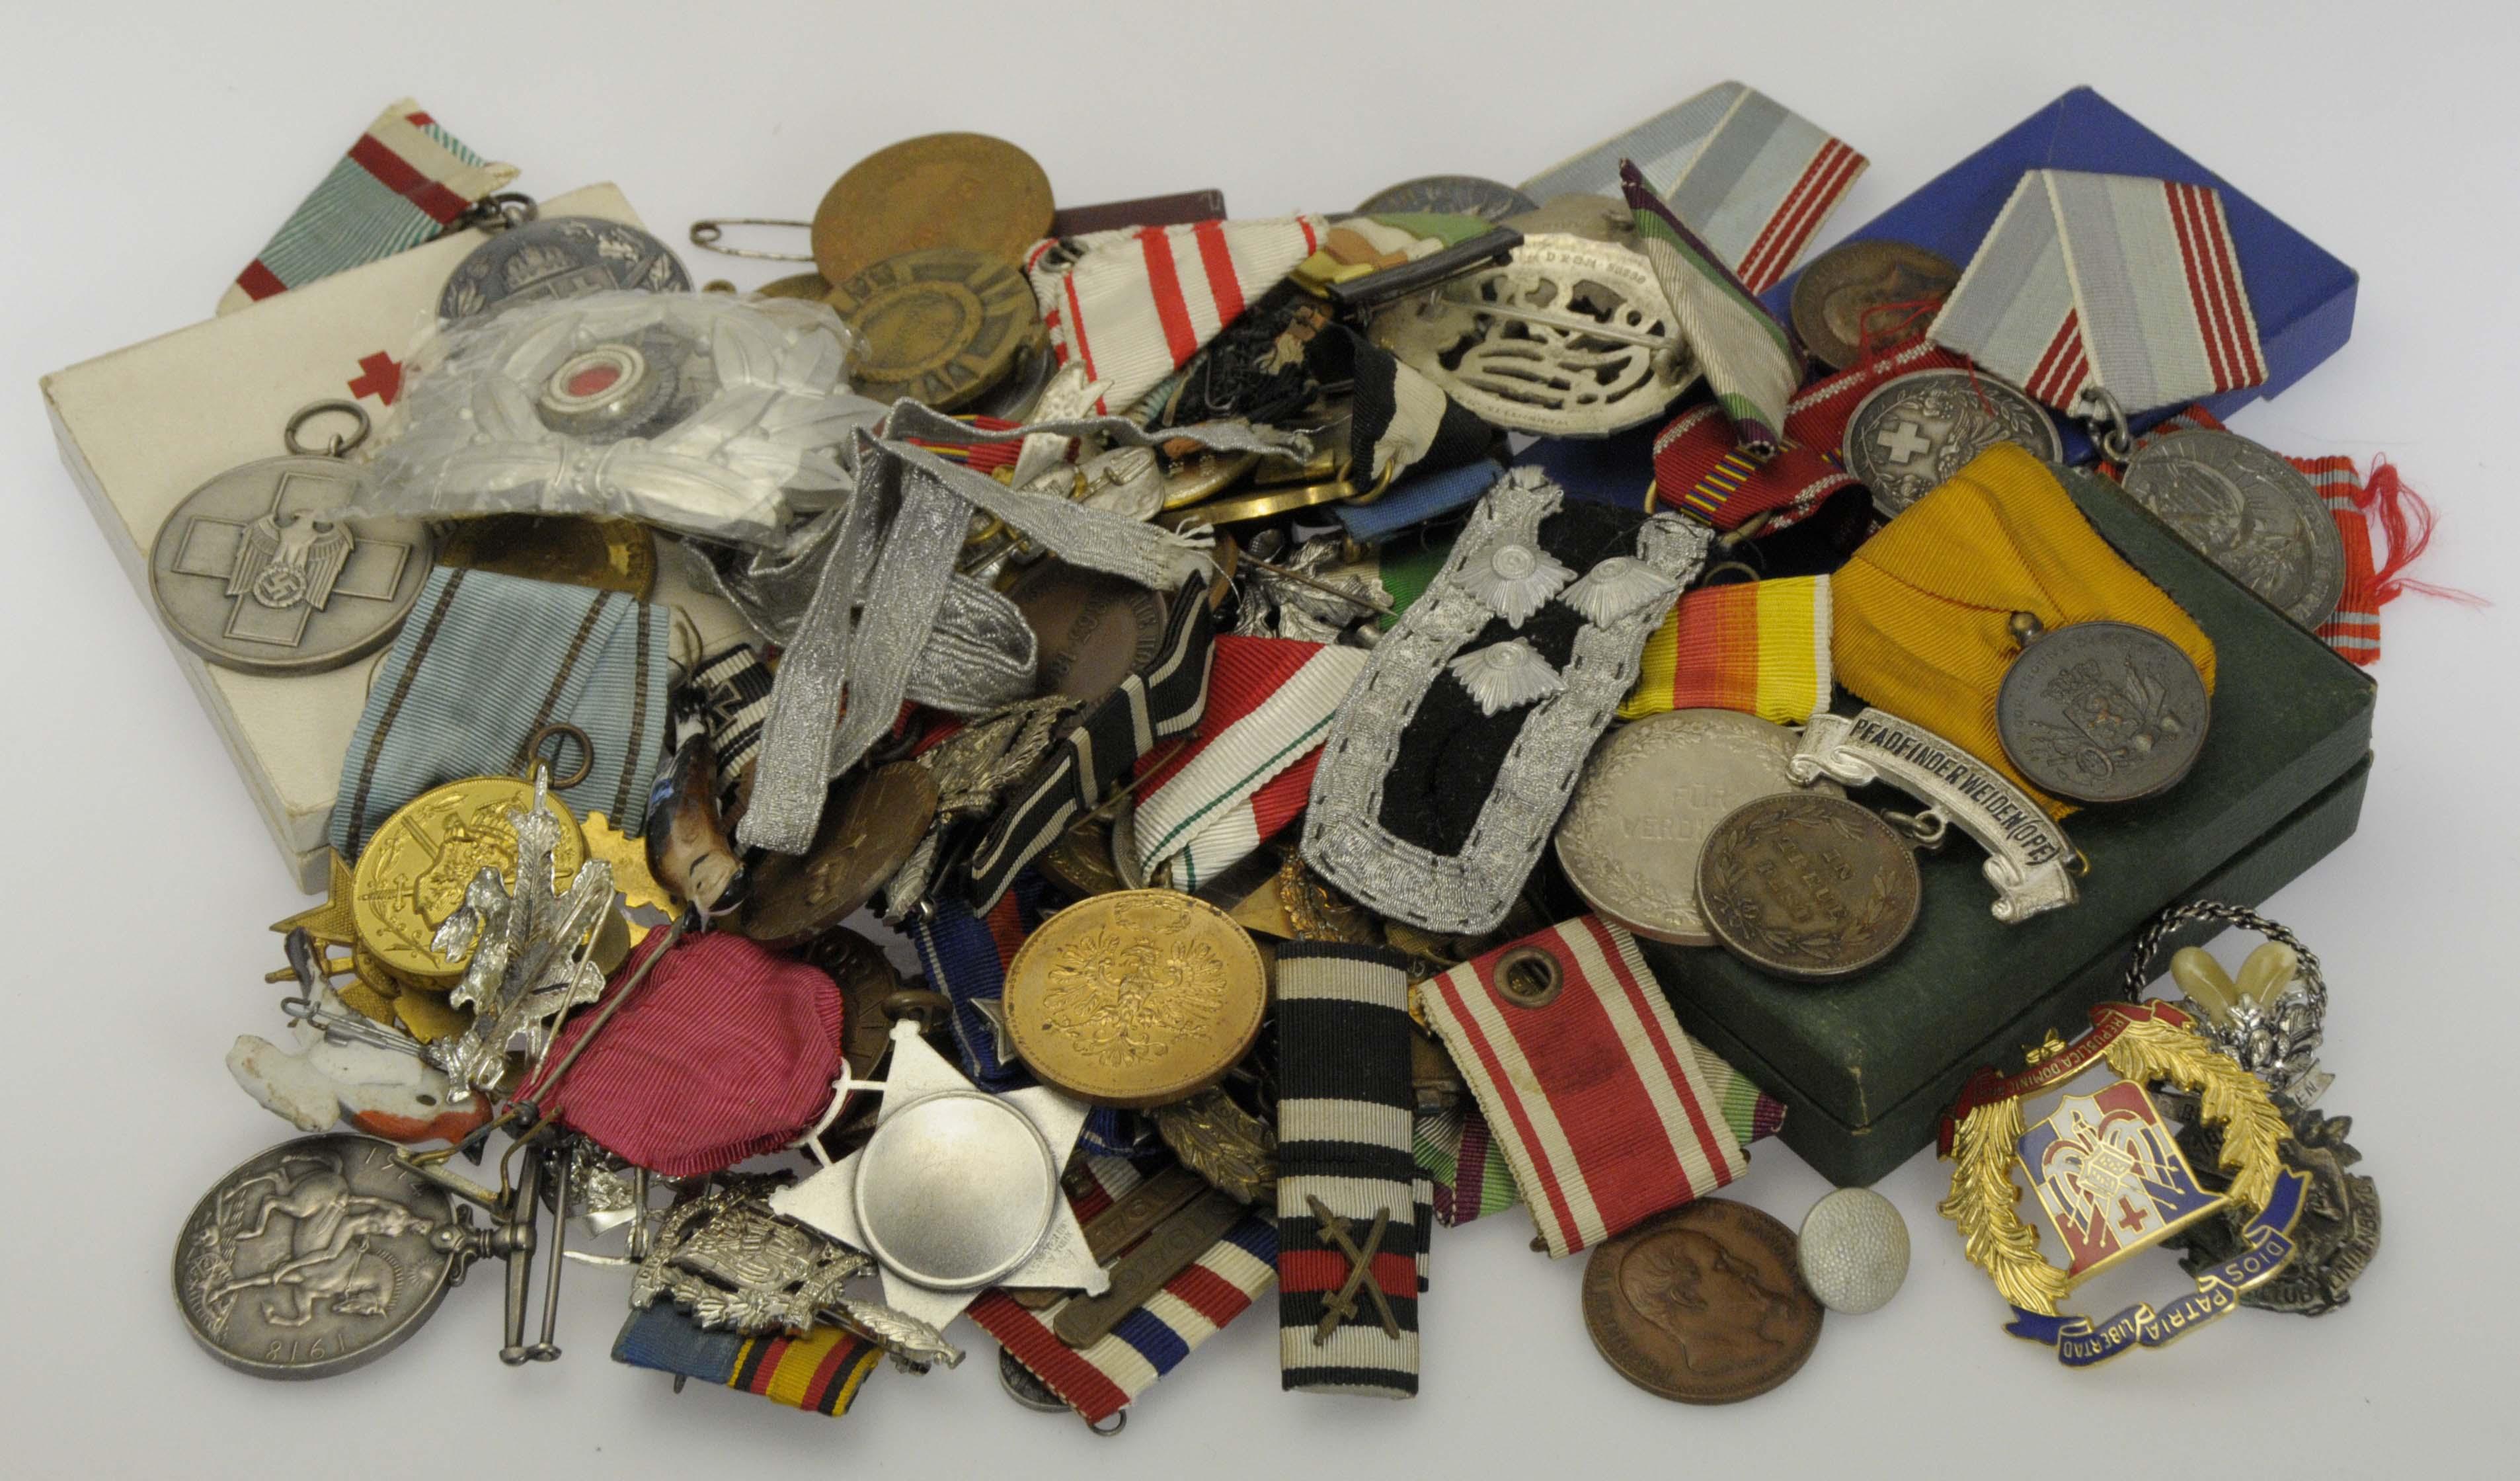 Lot 9588 - sammlungen orden und abzeichen -  Auktionshaus Ulrich Felzmann GmbH & Co. KG Coins single lots